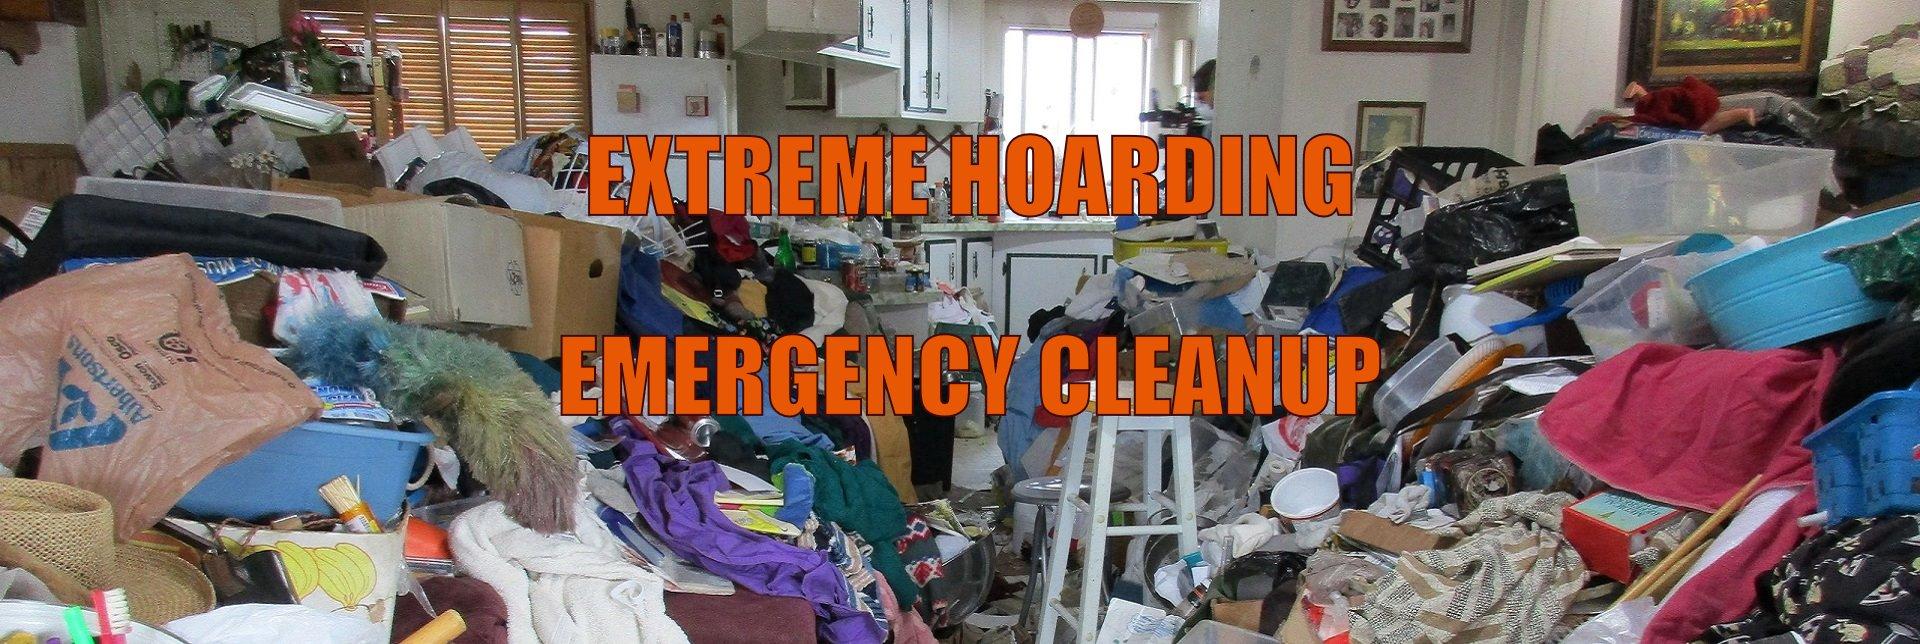 extreme hoarding cleaning ottawa